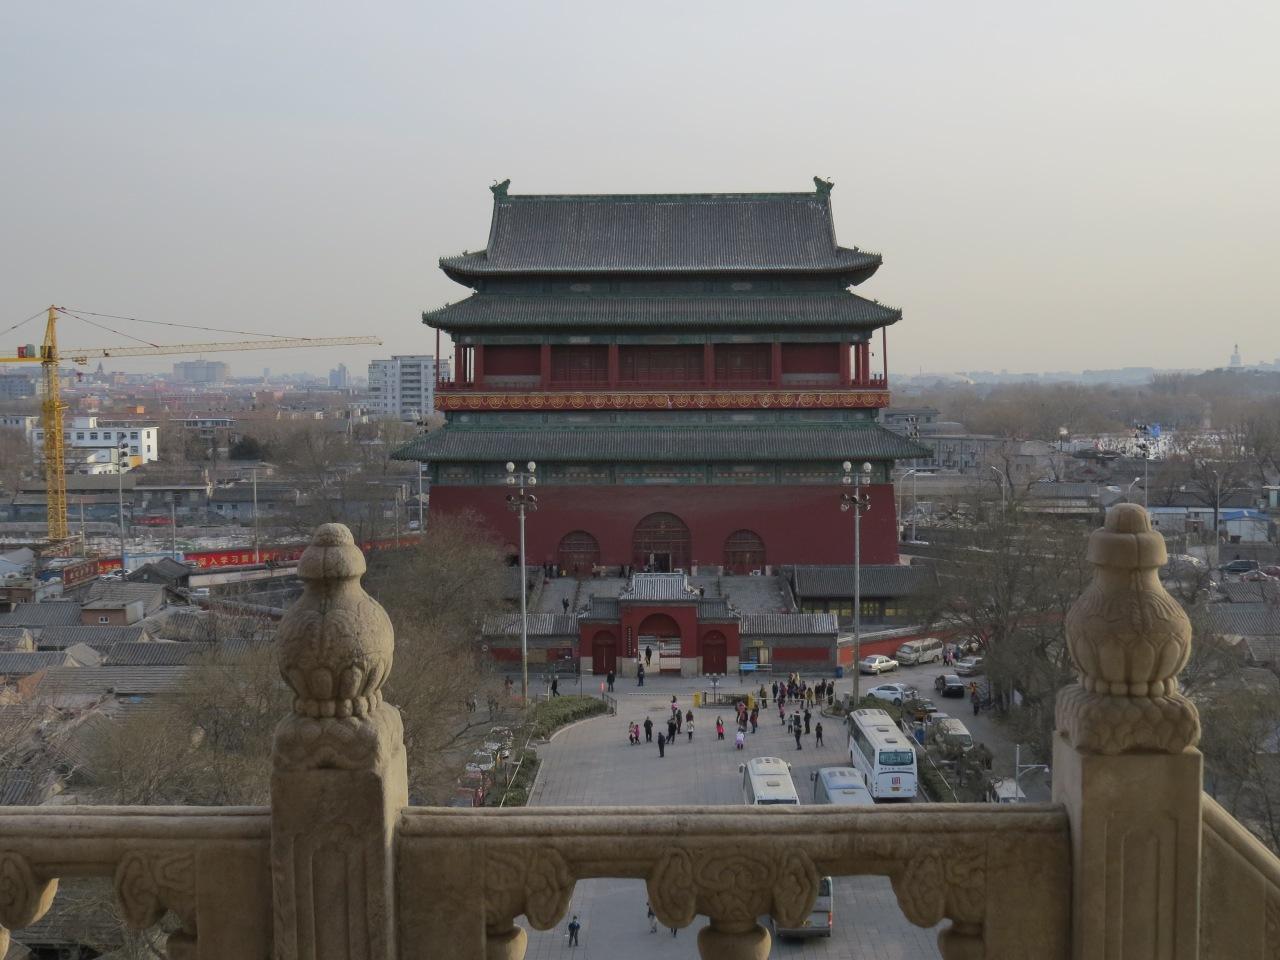 opuszczone miasta w Chinach, miasta duchy w Chinach, chiny, bańka budowlana w Chinach,